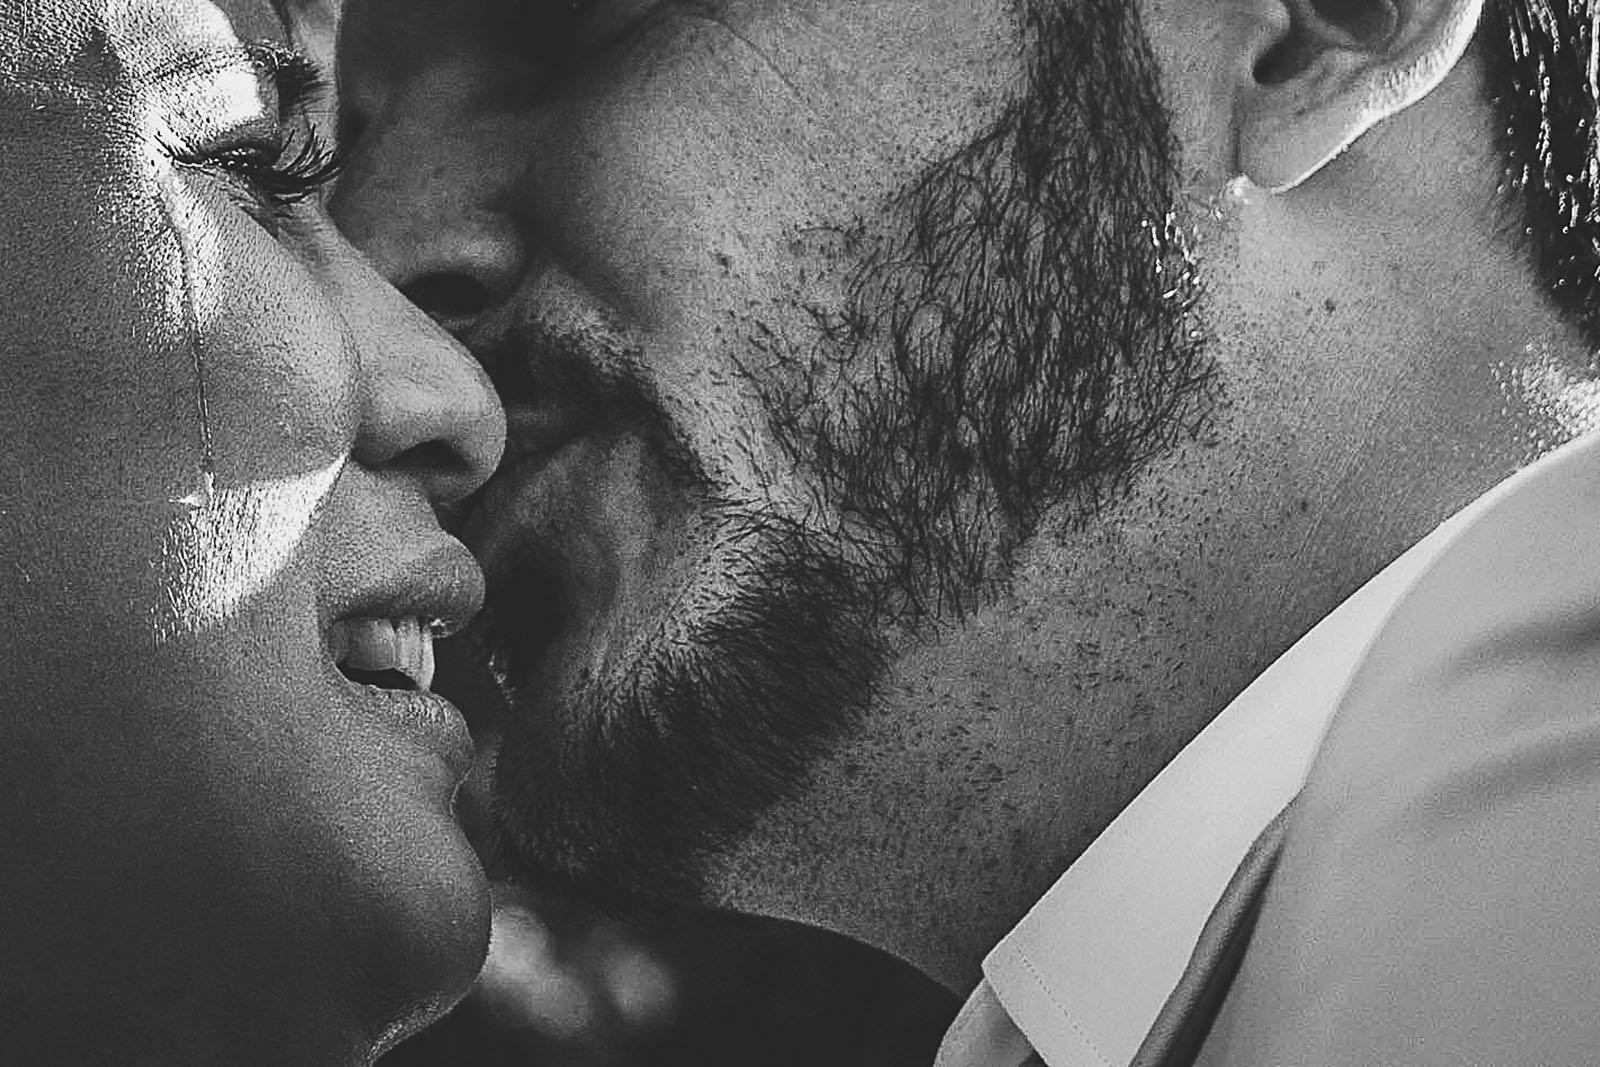 david-pommier-brethmas-comptoir-saint-hilaire-mariage-sud-france-singapour-emotion-joie-photographe (11)